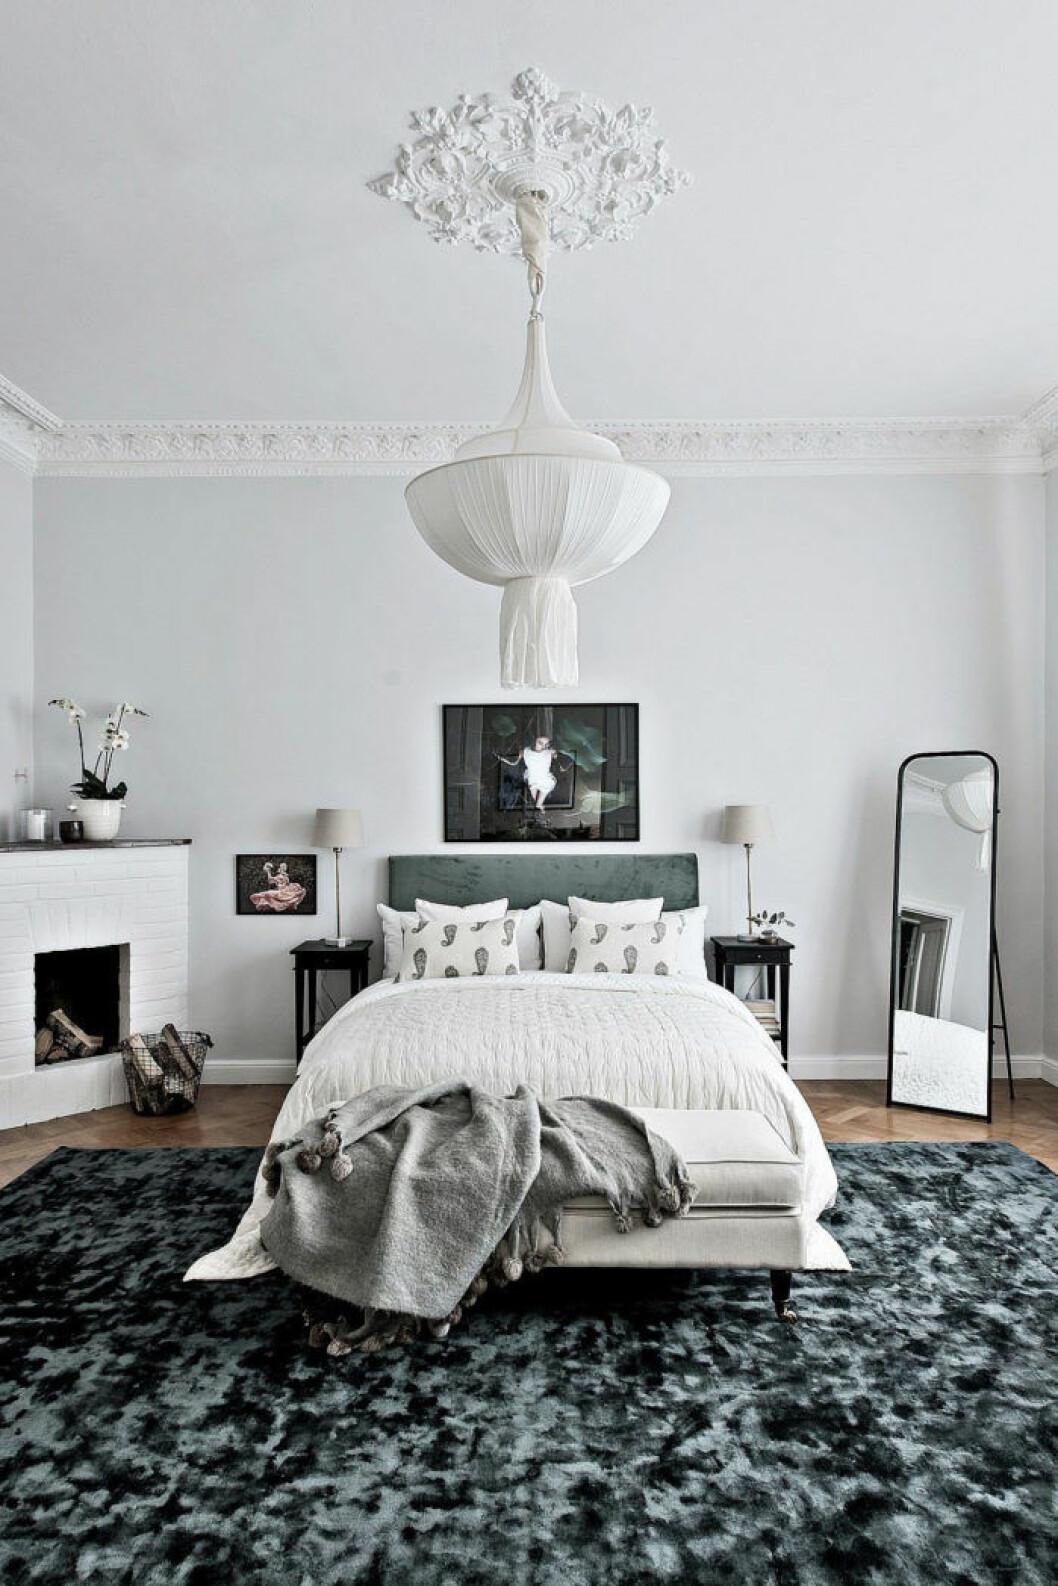 Sovrum med en stor dekorativ matta och en fin lampa i tyg